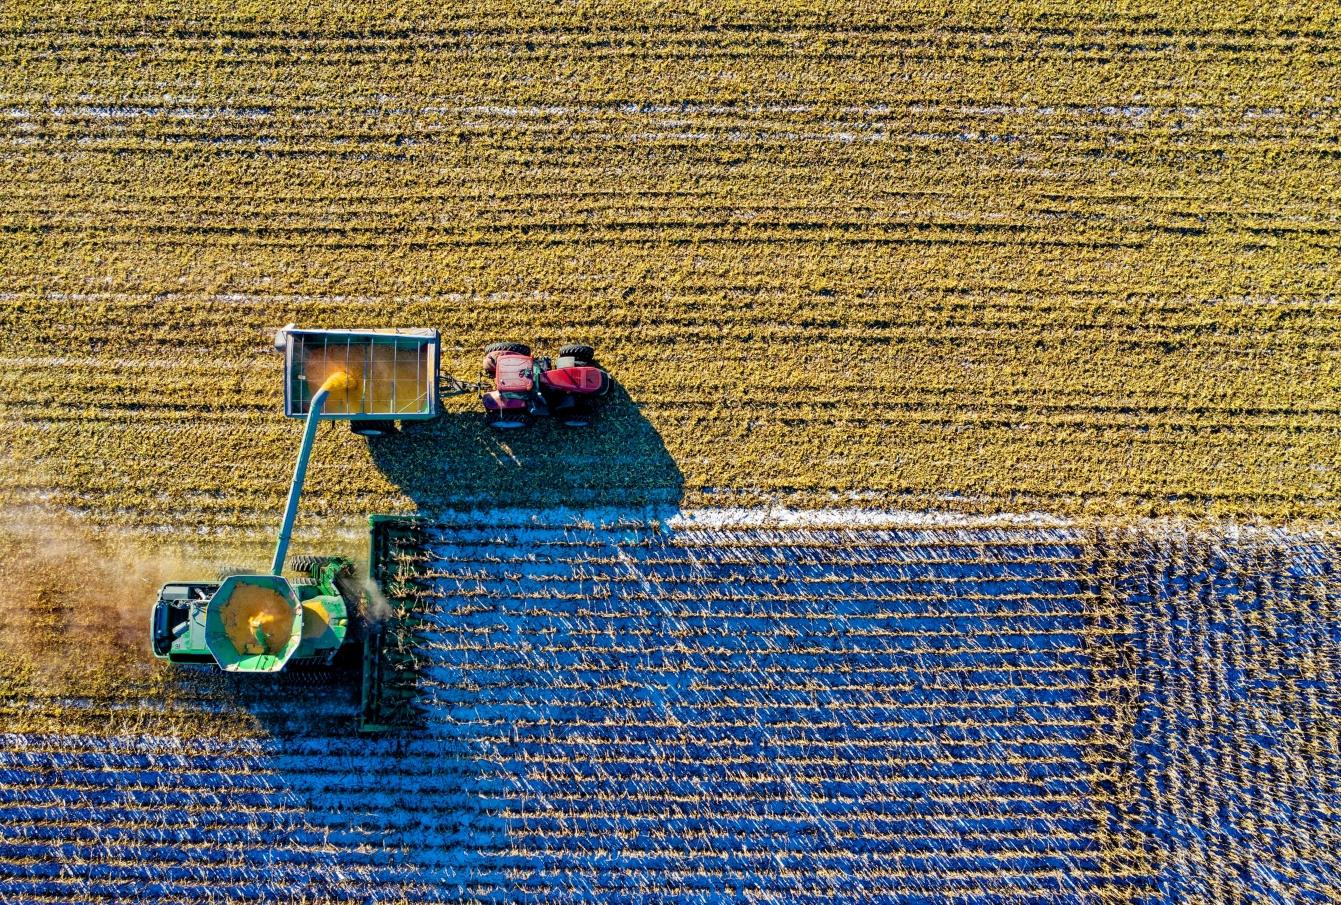 Italian AgriTech